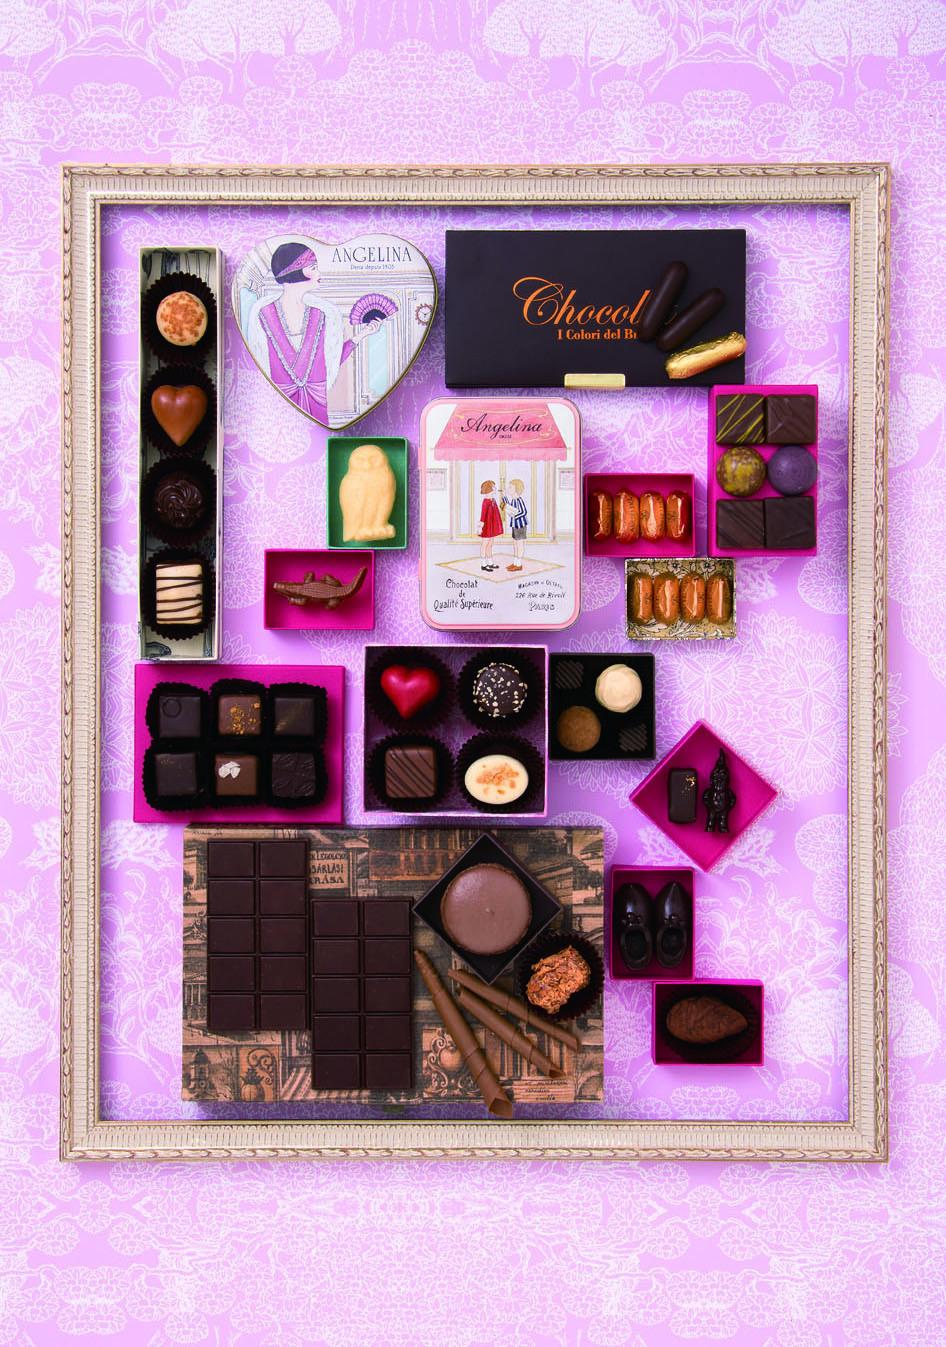 パッケージに胸キュンなチョコレートたち💘銀座でハッピーバレンタイン